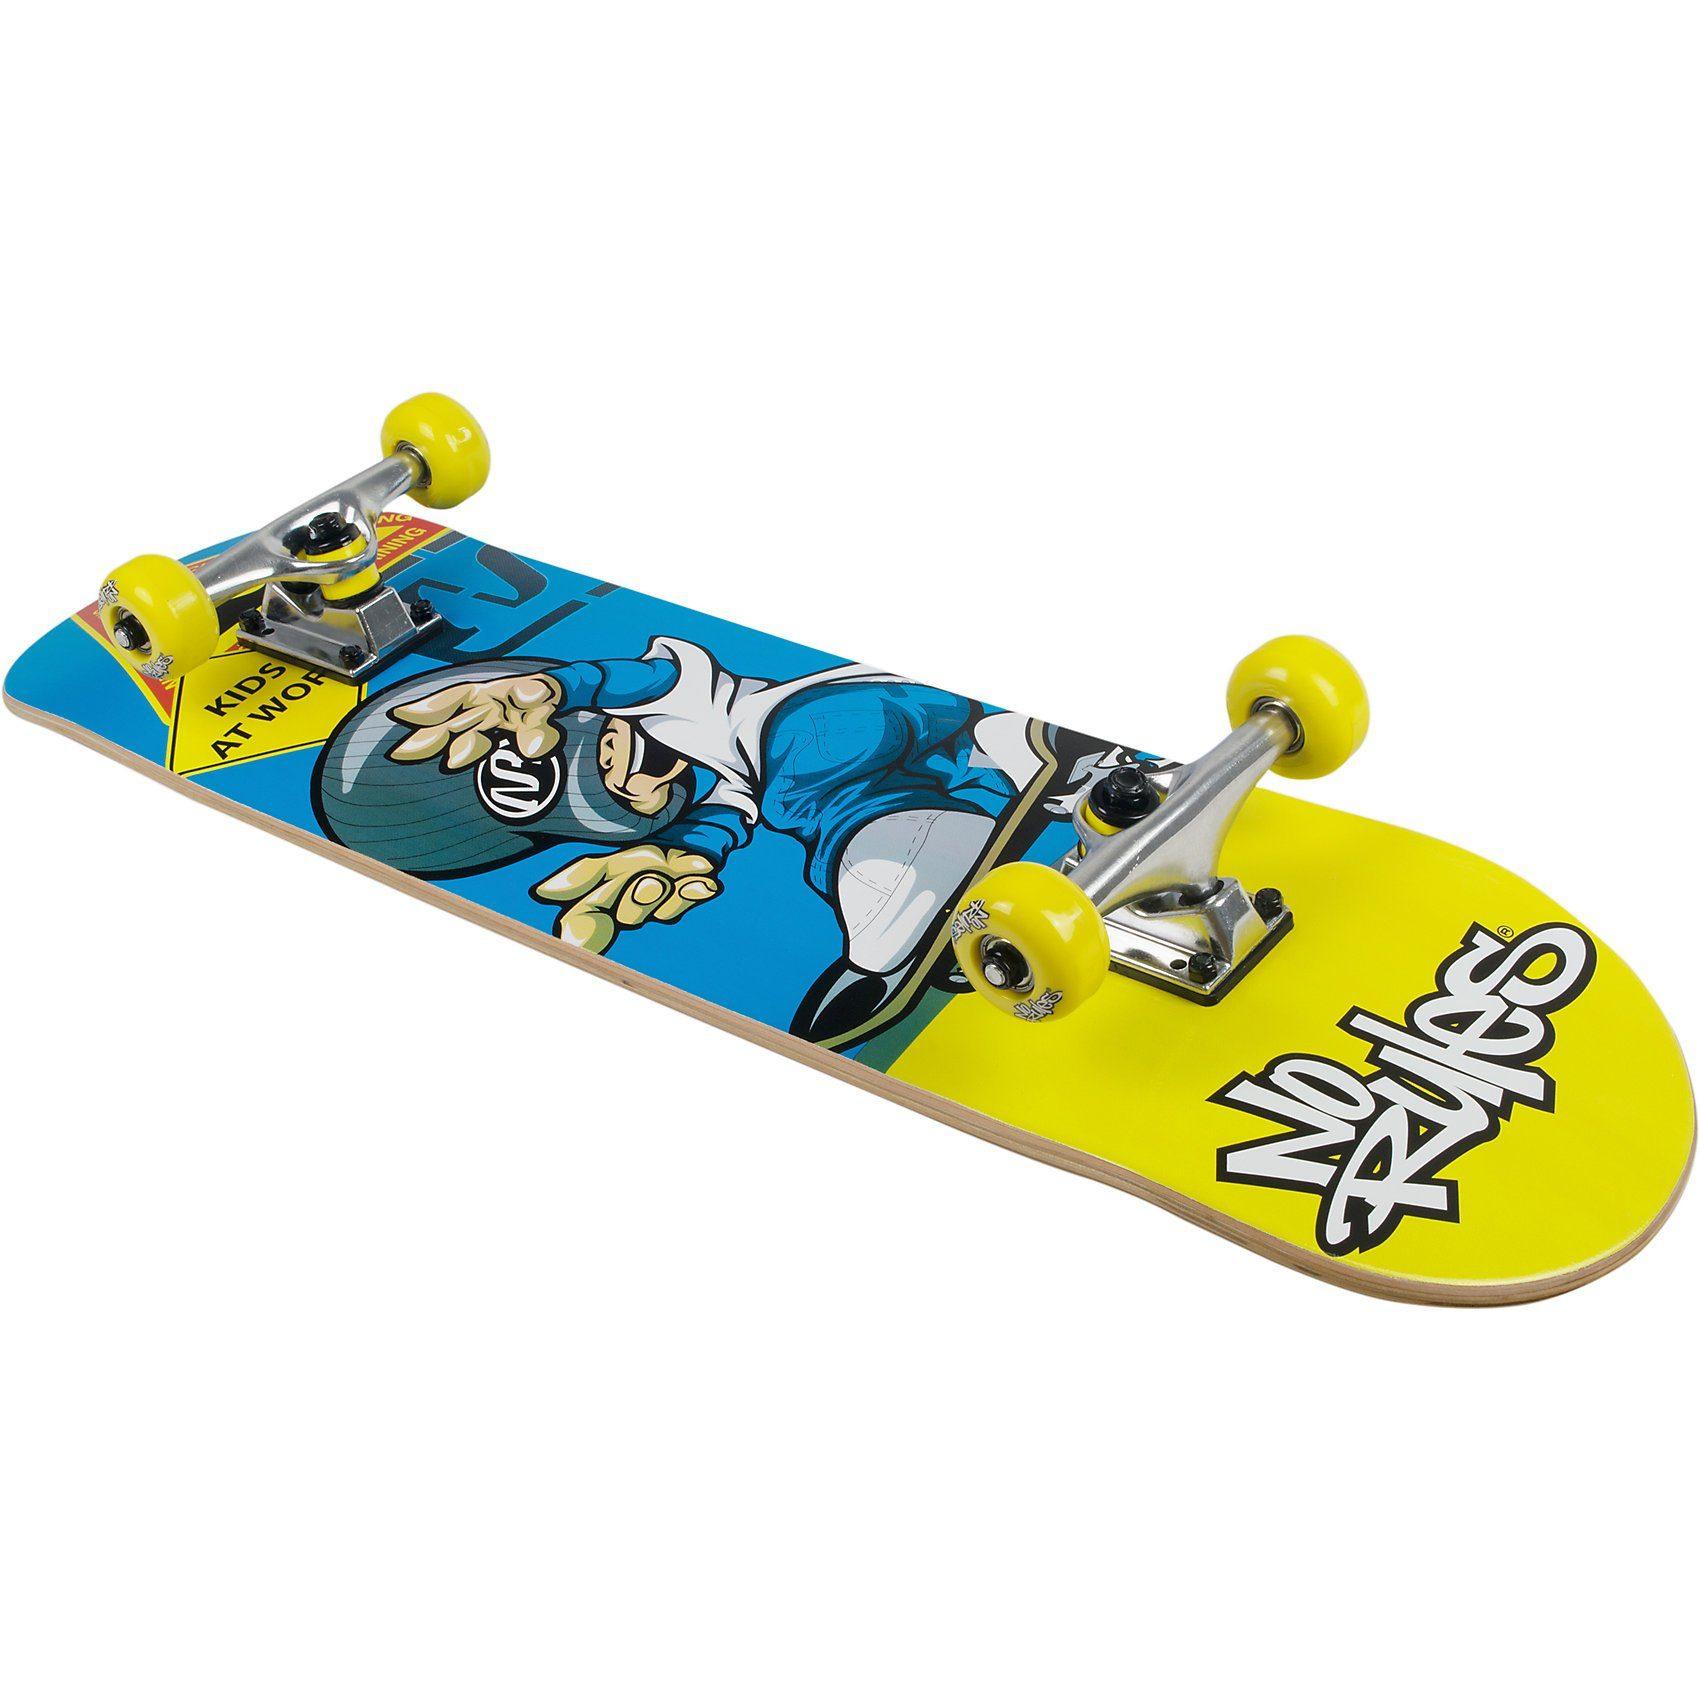 No Rules Skateboard Pro ABEC 1 Drempels, blau/gelb